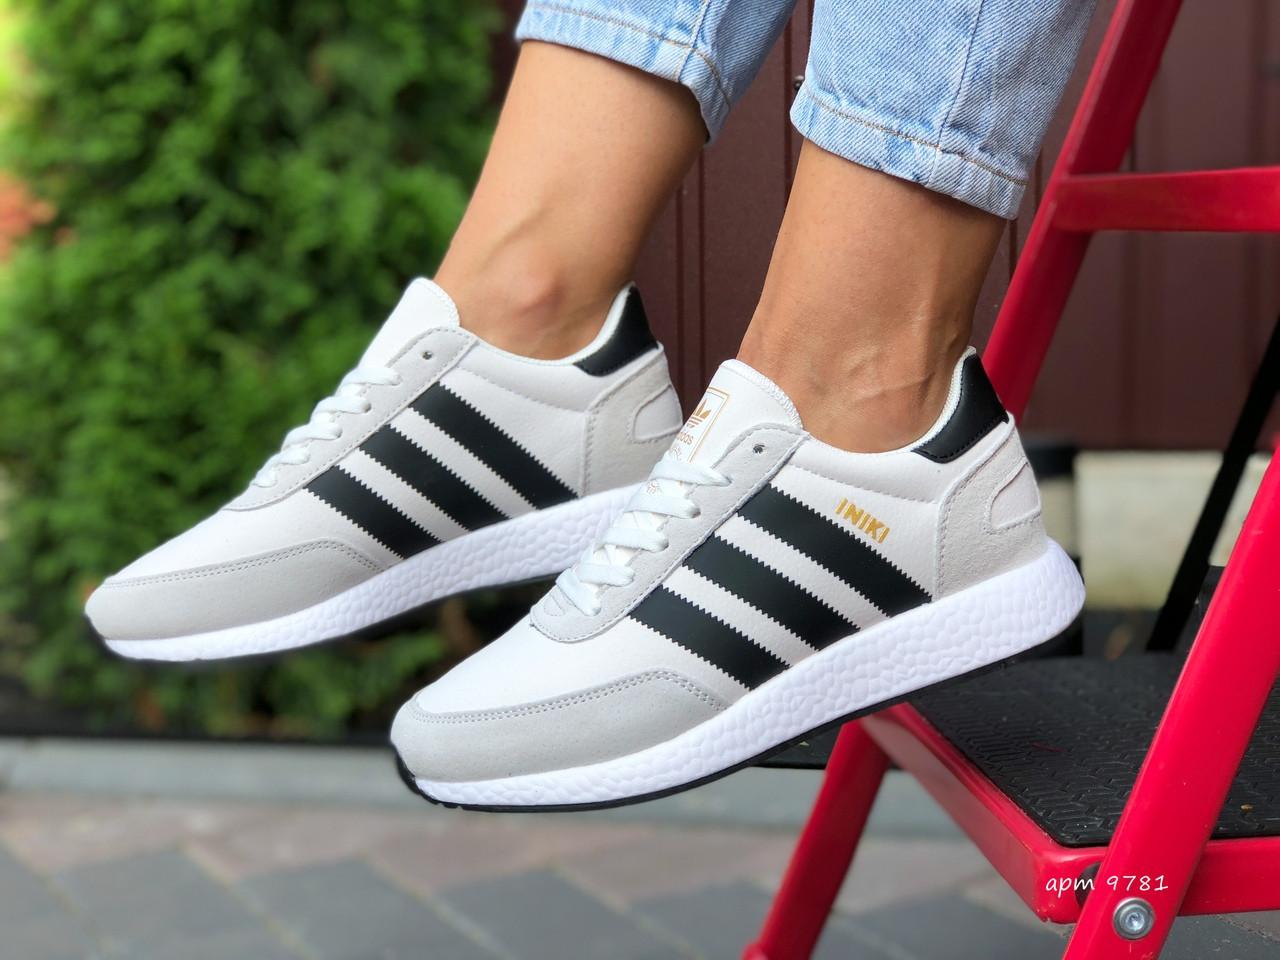 Кроссовки женские Adidas Iniki, белые / білі кросівки жіночі Адидас Інікі (Топ реплика ААА+)